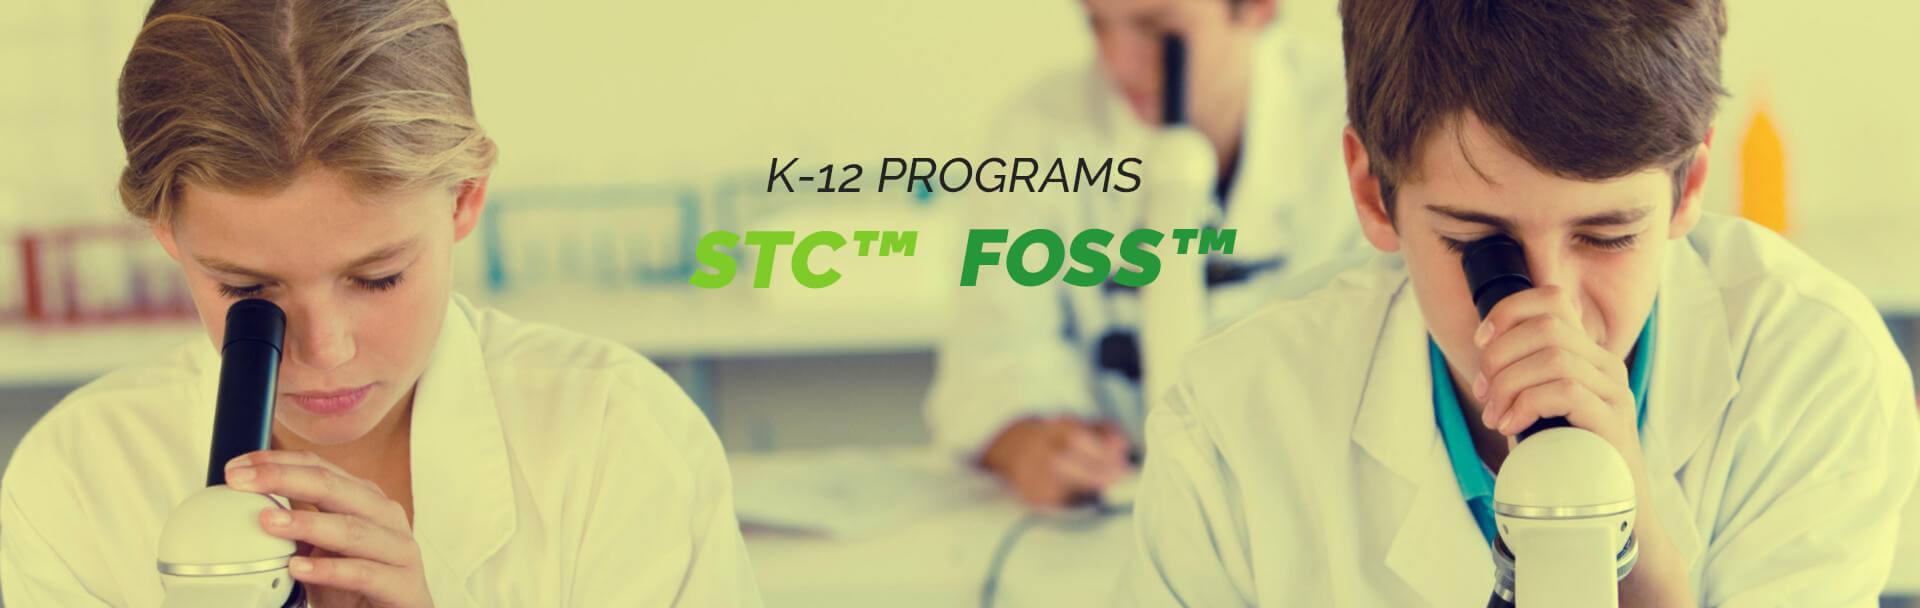 K-12 Science Programs